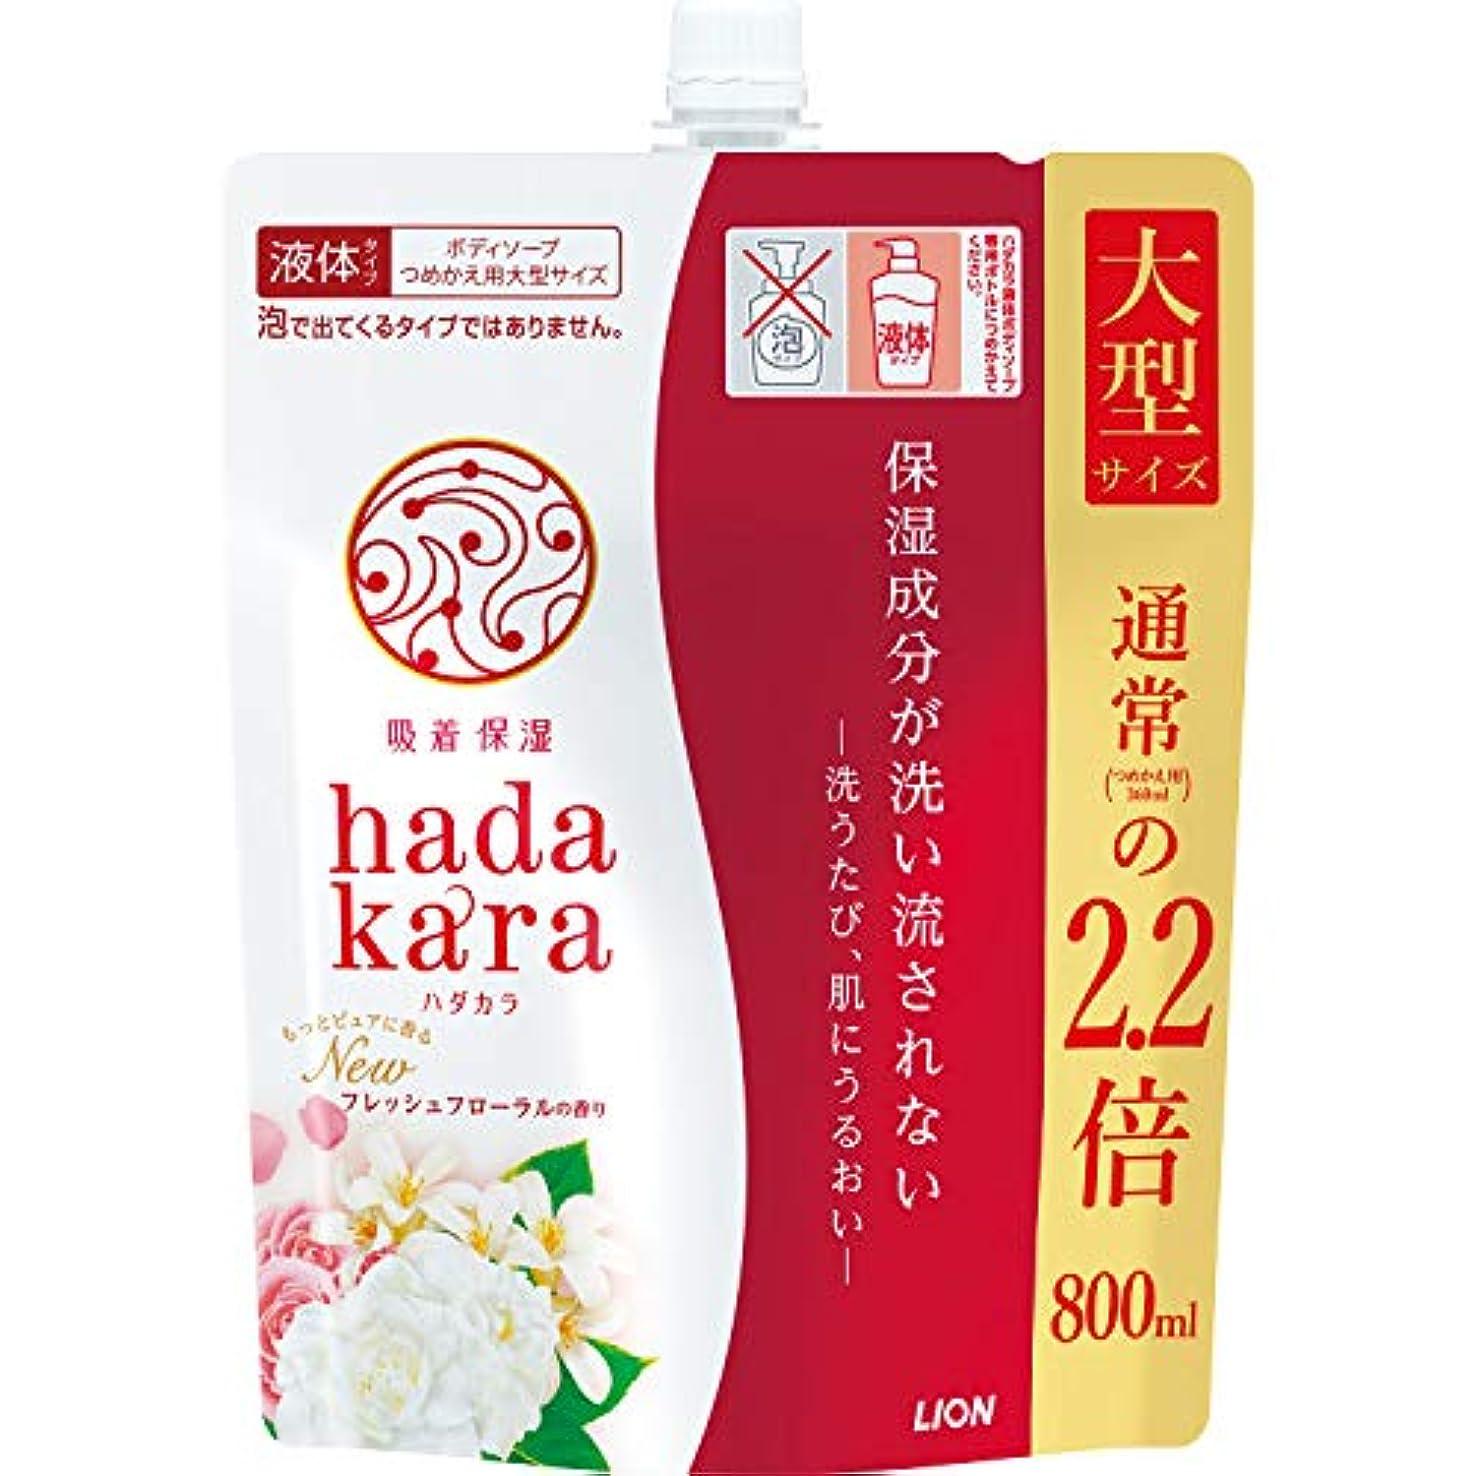 受け取るコイルギャロップhadakara(ハダカラ) ボディソープ フレッシュフローラルの香り つめかえ用大型サイズ 800ml